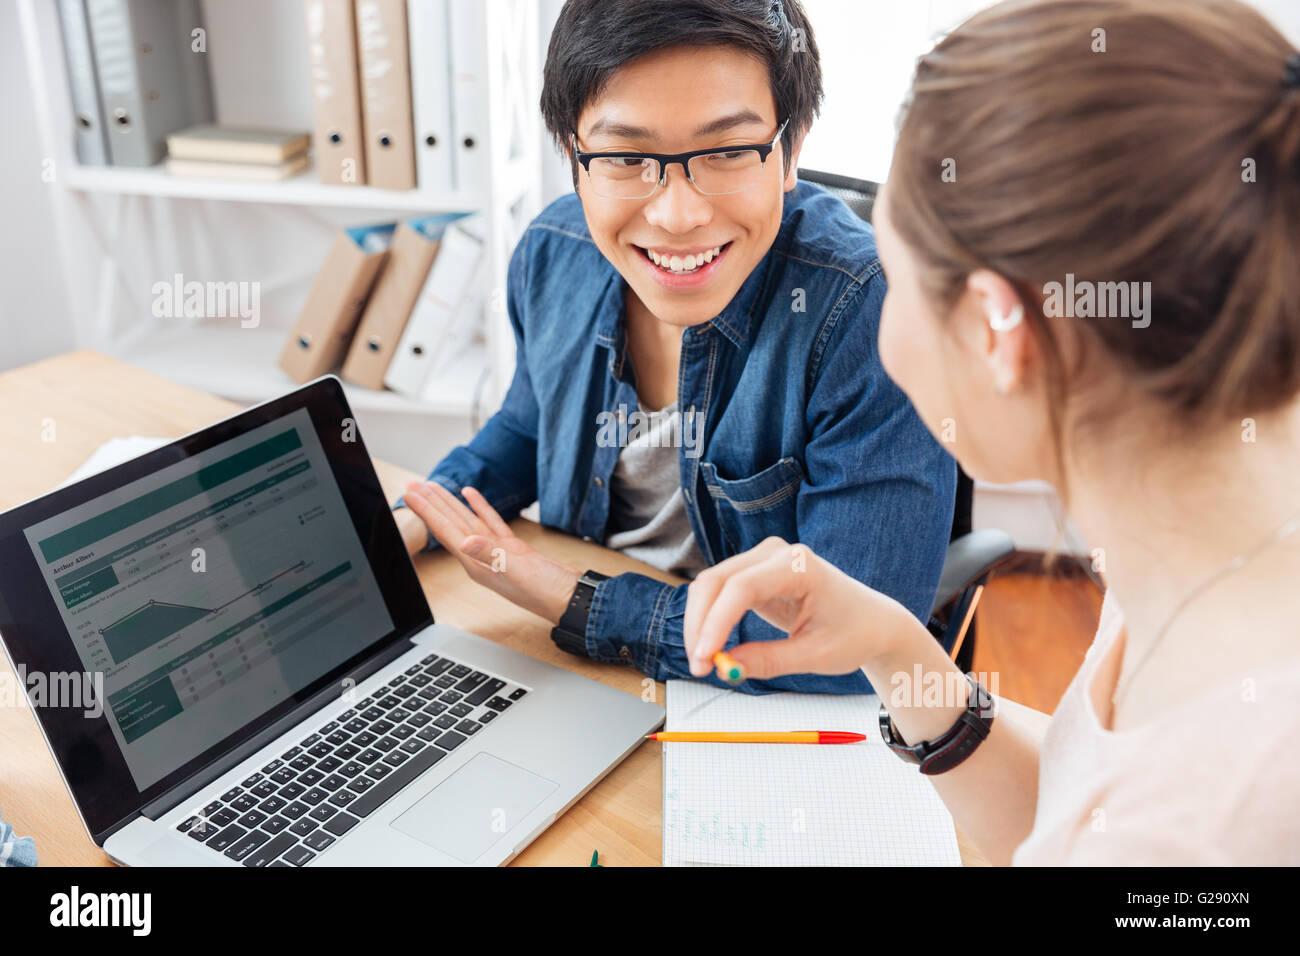 Zwei glückliche junge Geschäftsleute mit Laptop und arbeiten zusammen Stockfoto